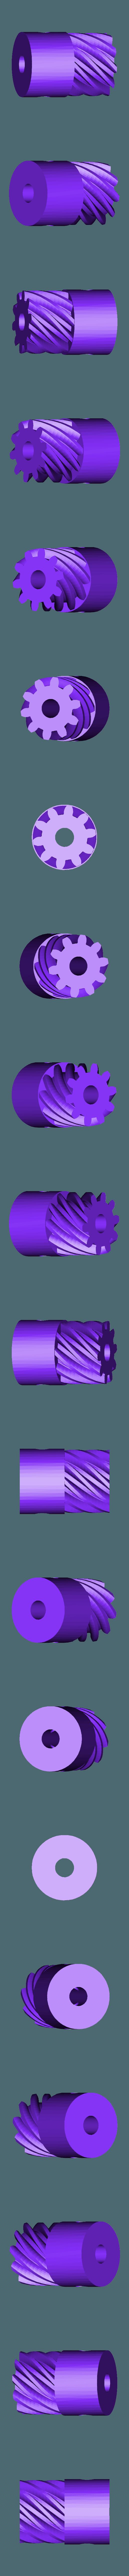 Smallhelical.STL Télécharger fichier STL gratuit Camion Imprimé : Boîte de vitesses Rapport de démultiplication 18:1 à engrenages hélicoïdaux • Plan pour imprimante 3D, MrCrankyface